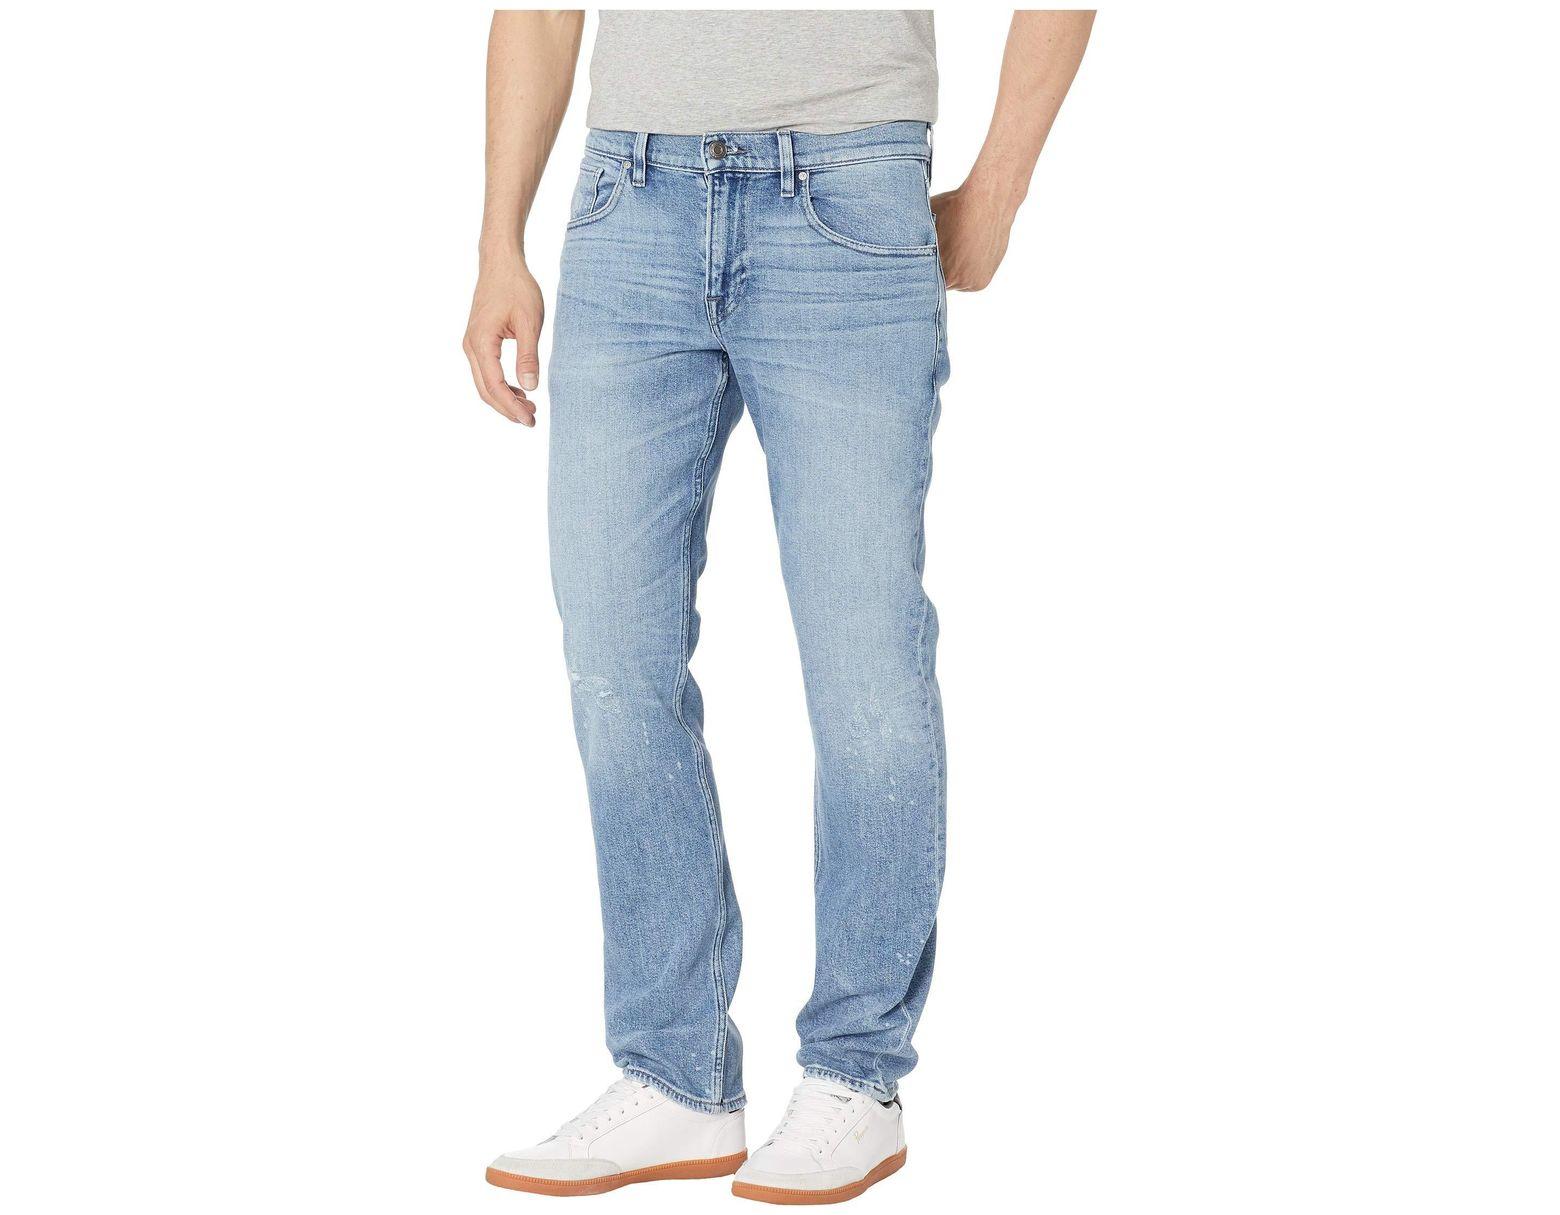 ddcd145ab19 Lyst - Hudson Jeans Blake Slim Straight Zip Fly Jeans In Stiles (stiles) Men's  Jeans in Blue for Men